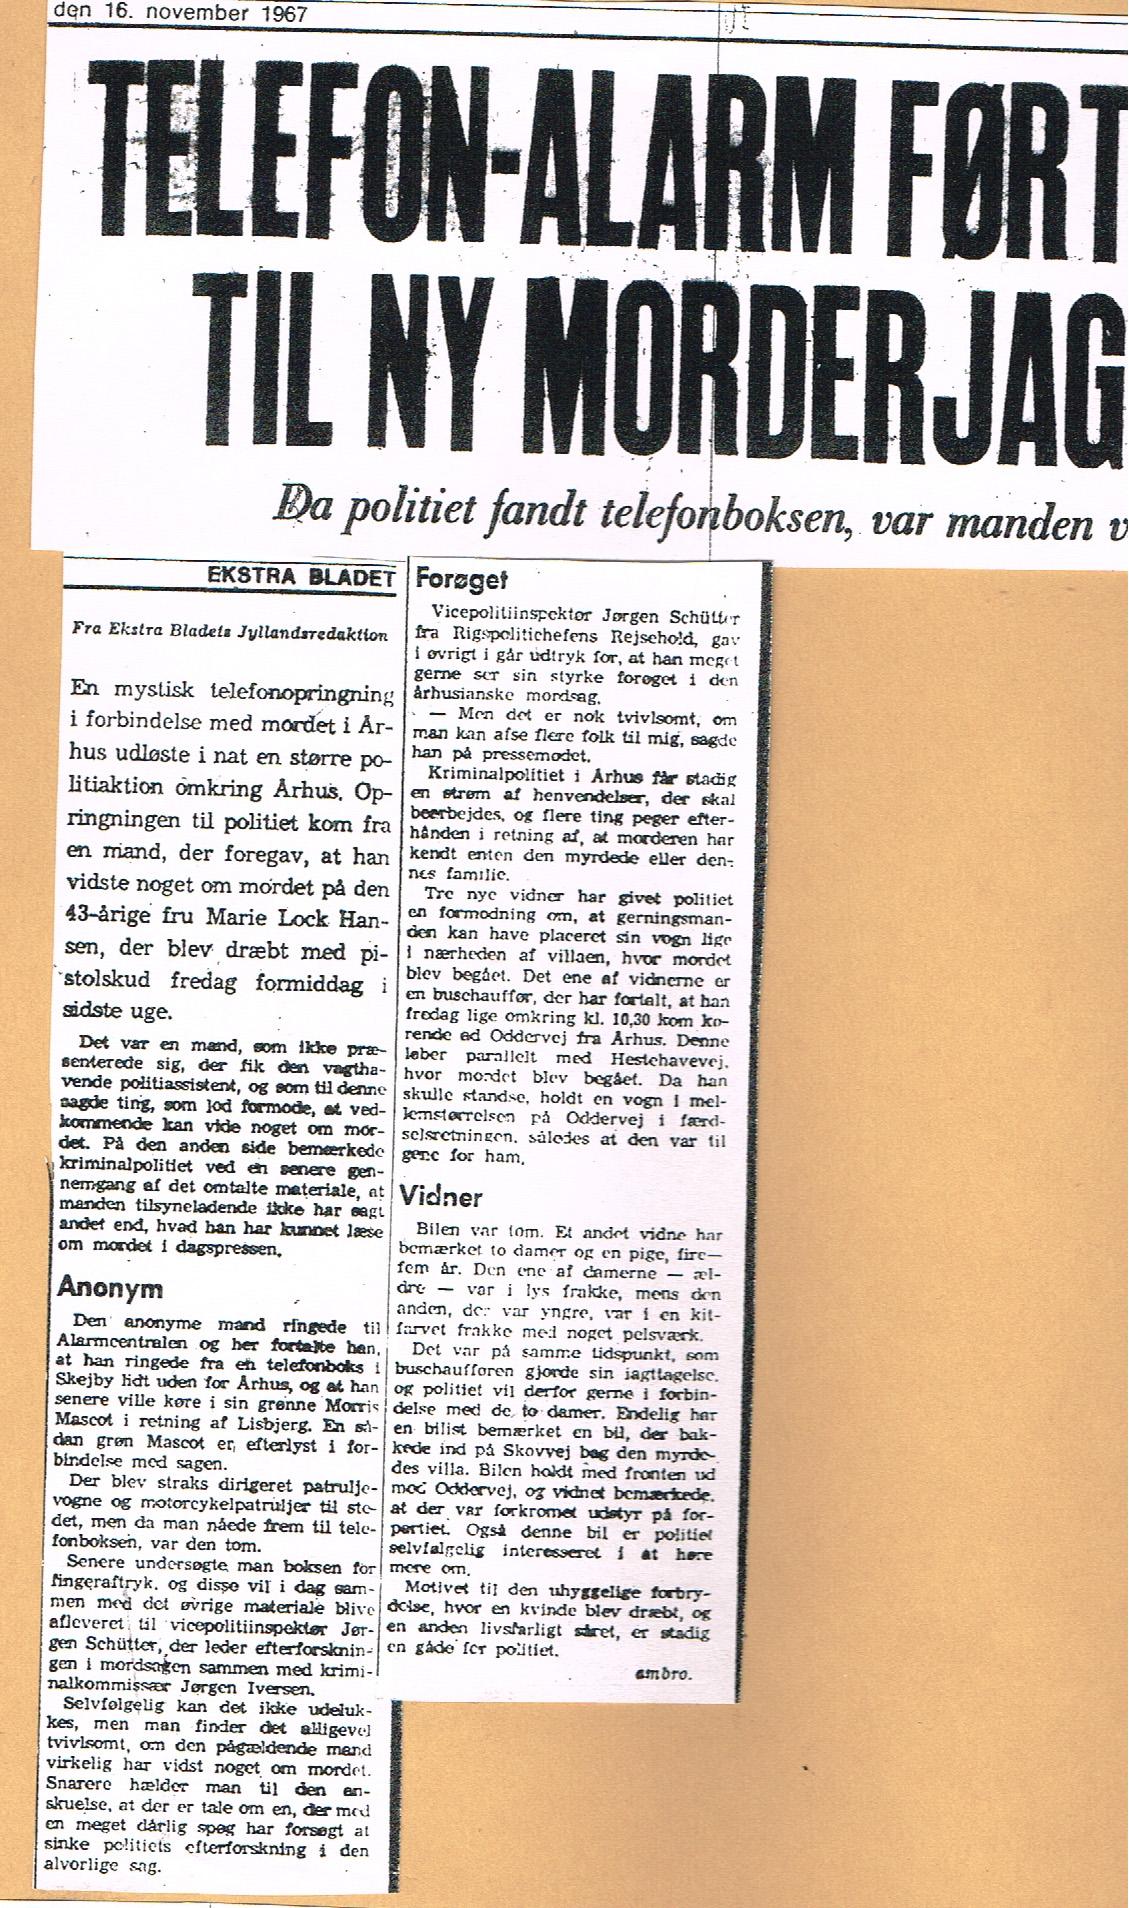 Højbjergmordet - Ekstra Bladet 16.11-1967